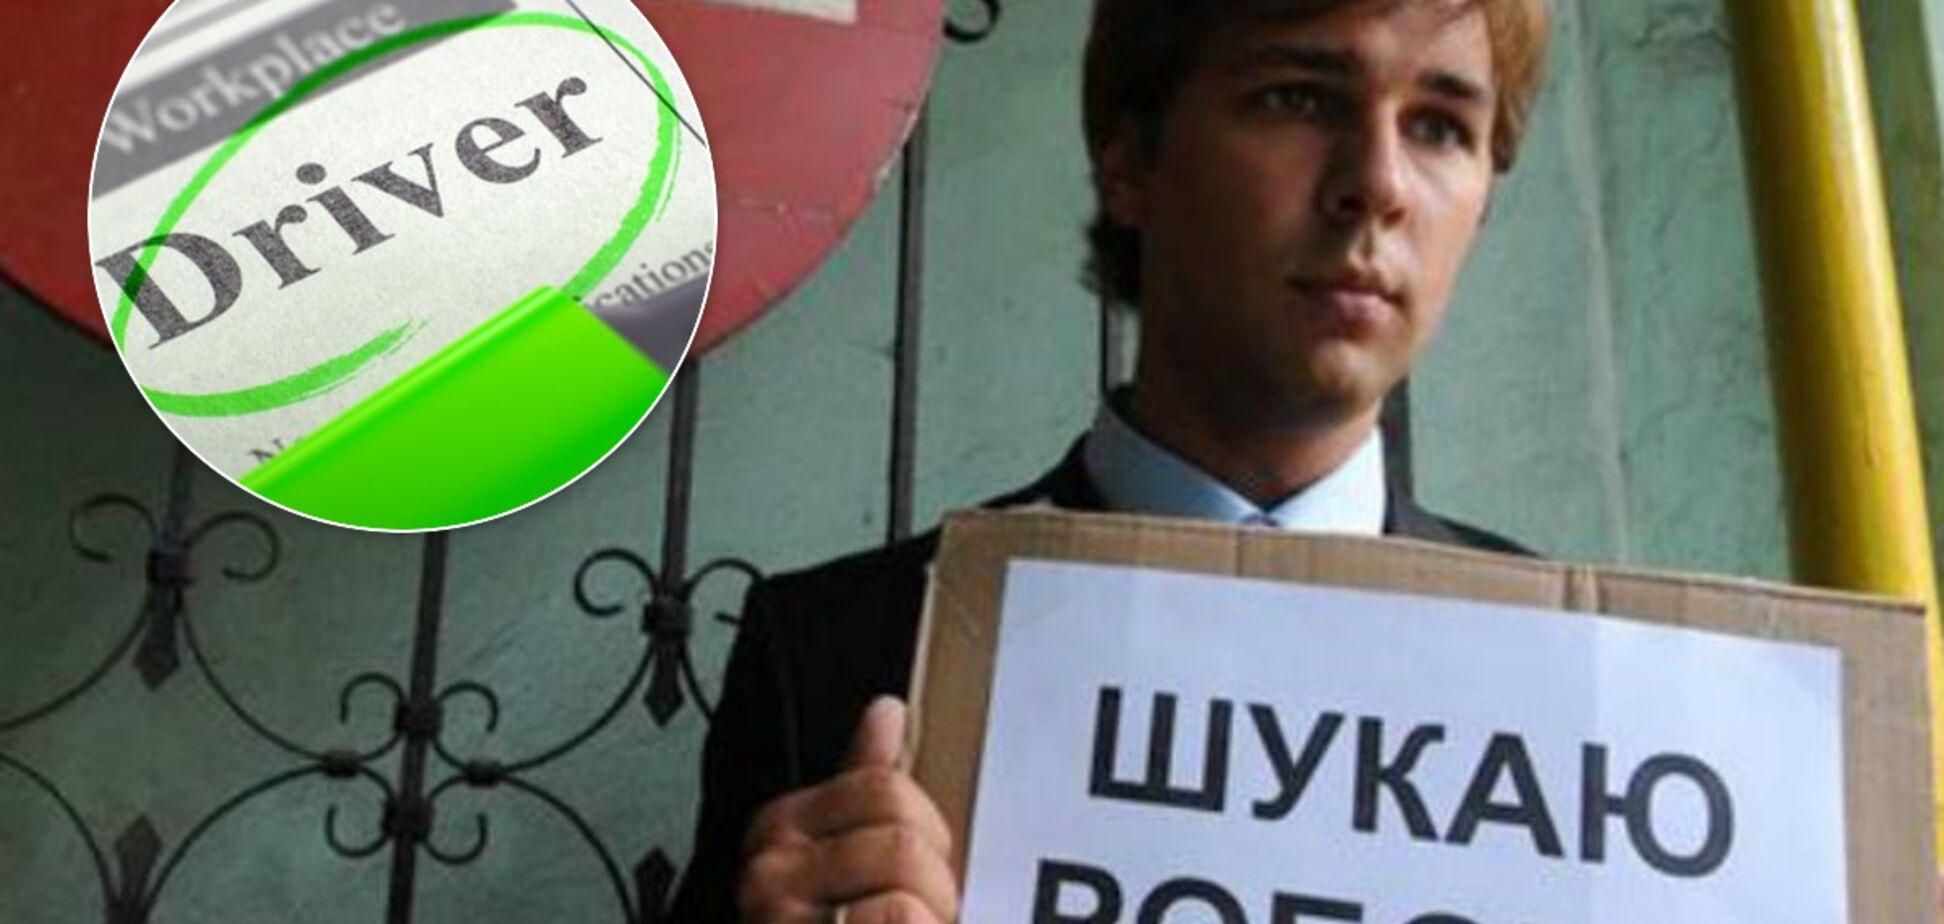 Безработных становится все больше, зарплаты упадут: что происходит на рынке труда Украины в карантин